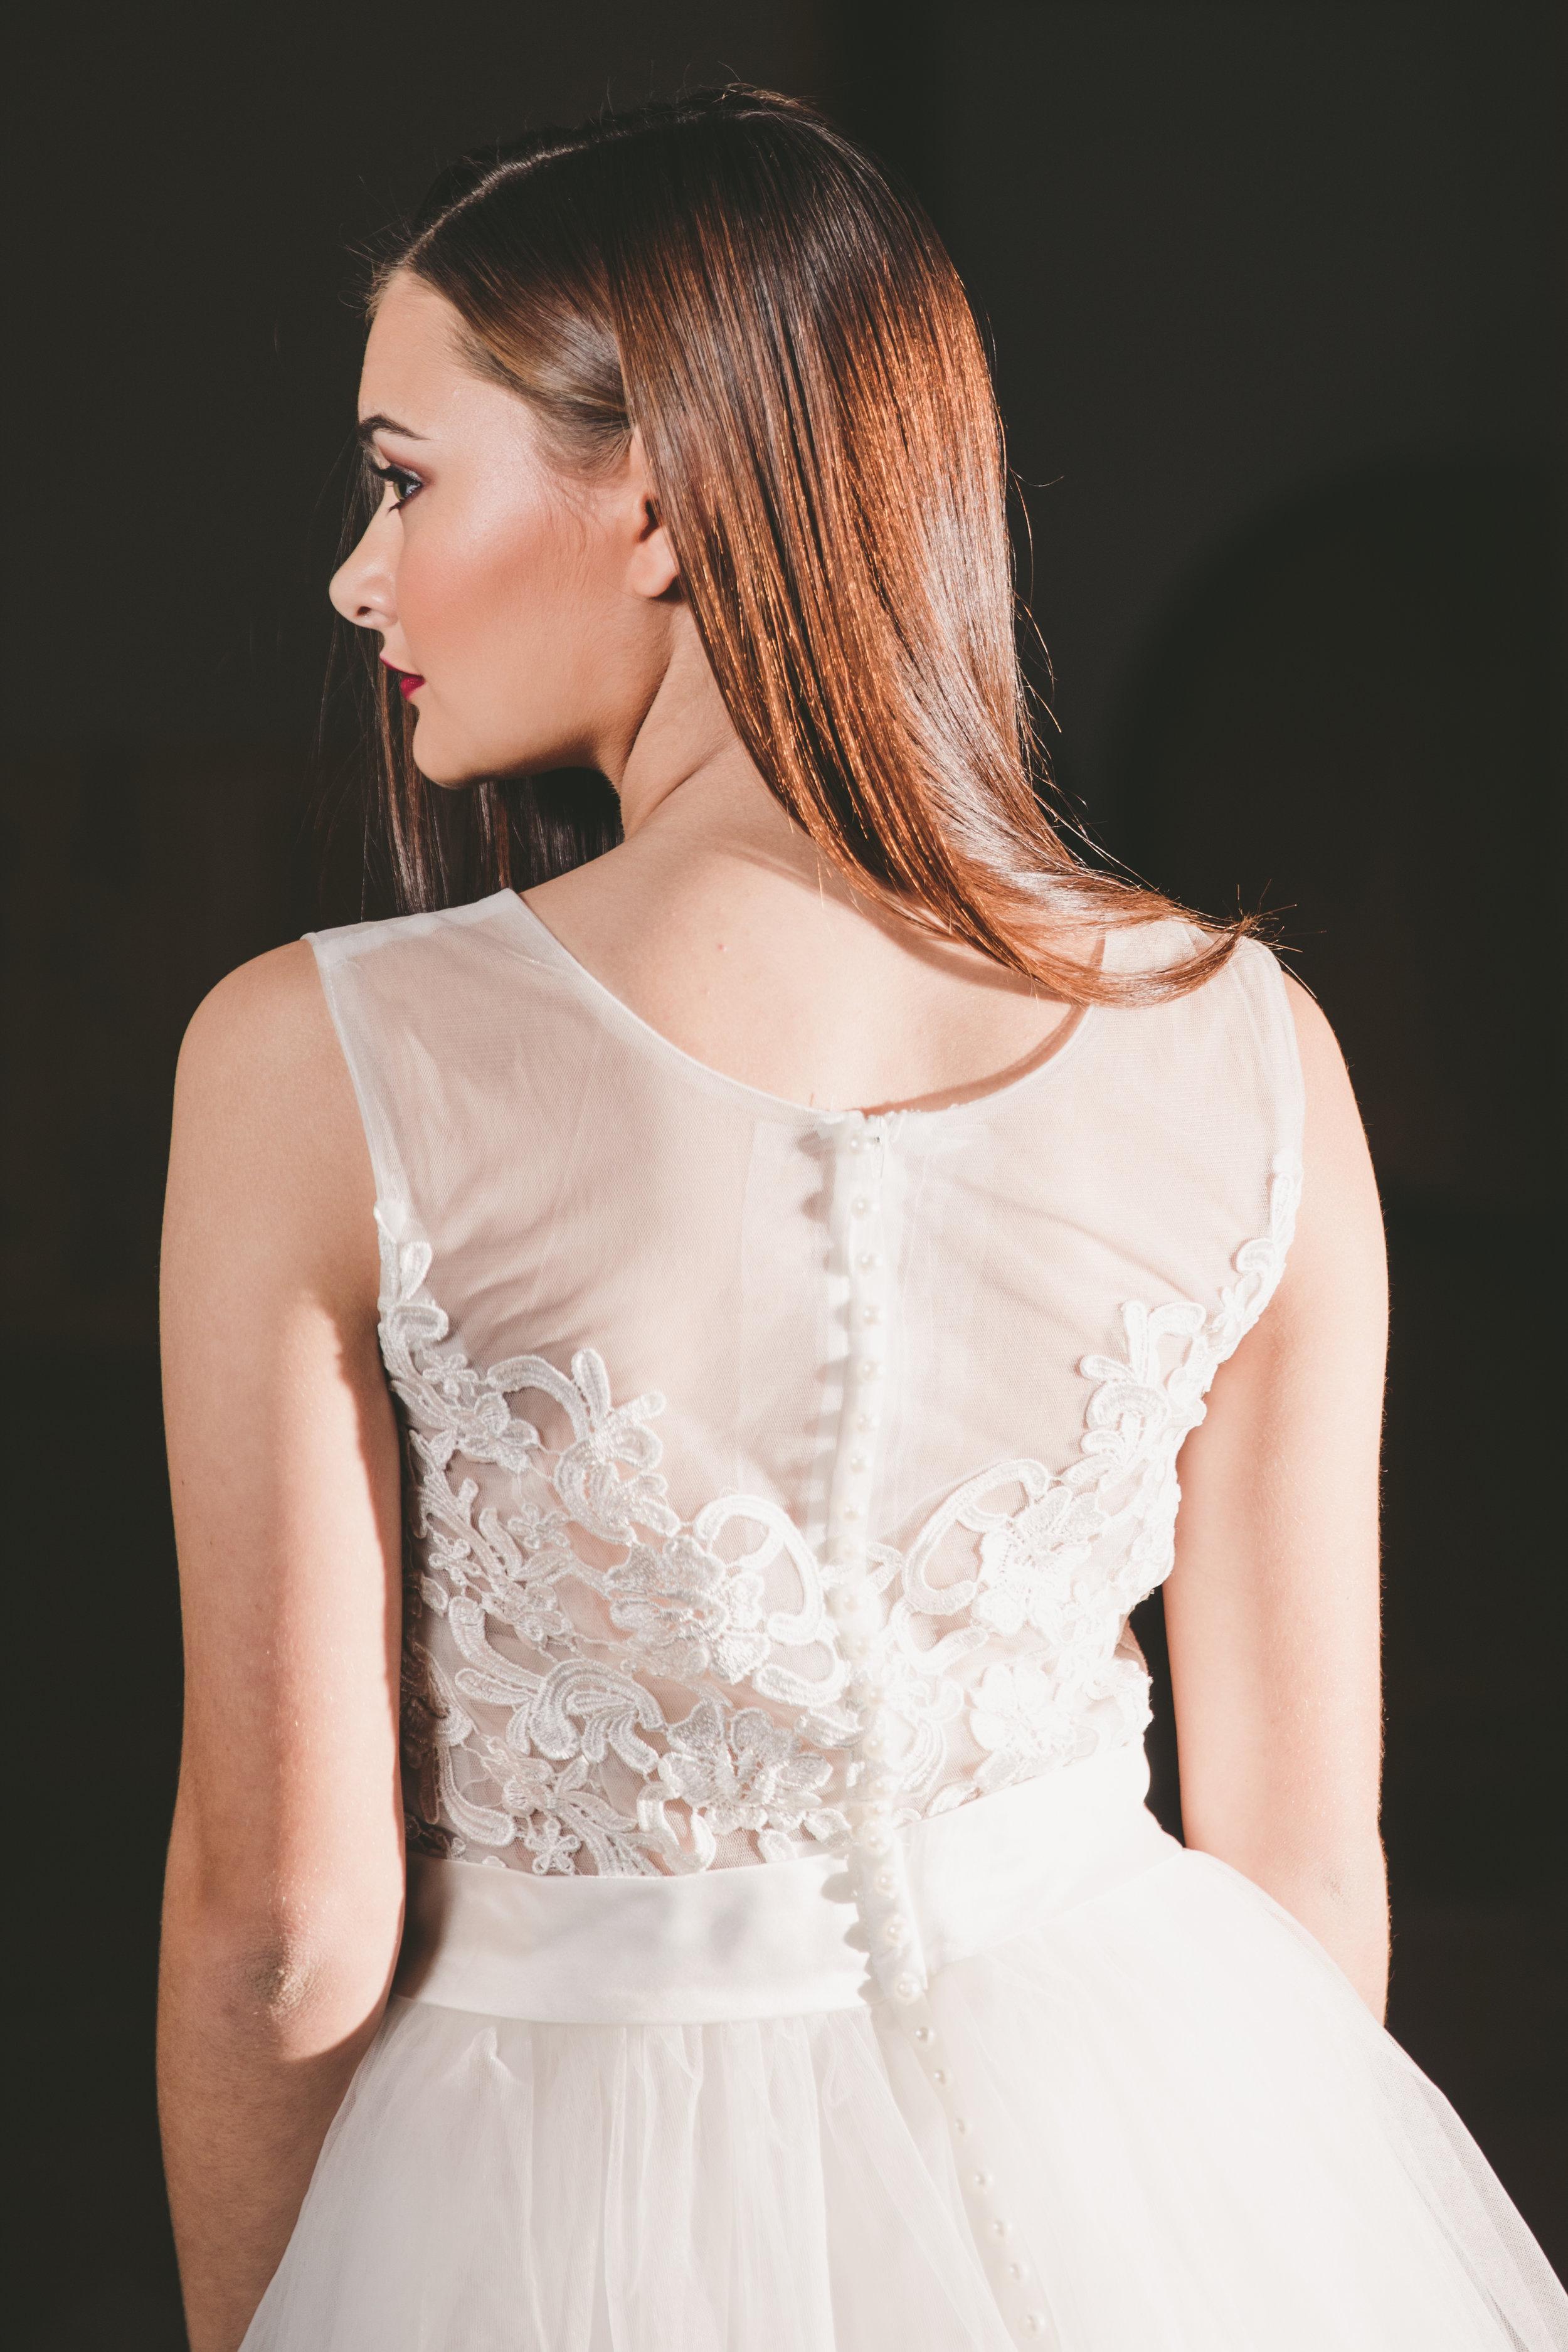 CassandraP-Fashion-Show-11.jpg